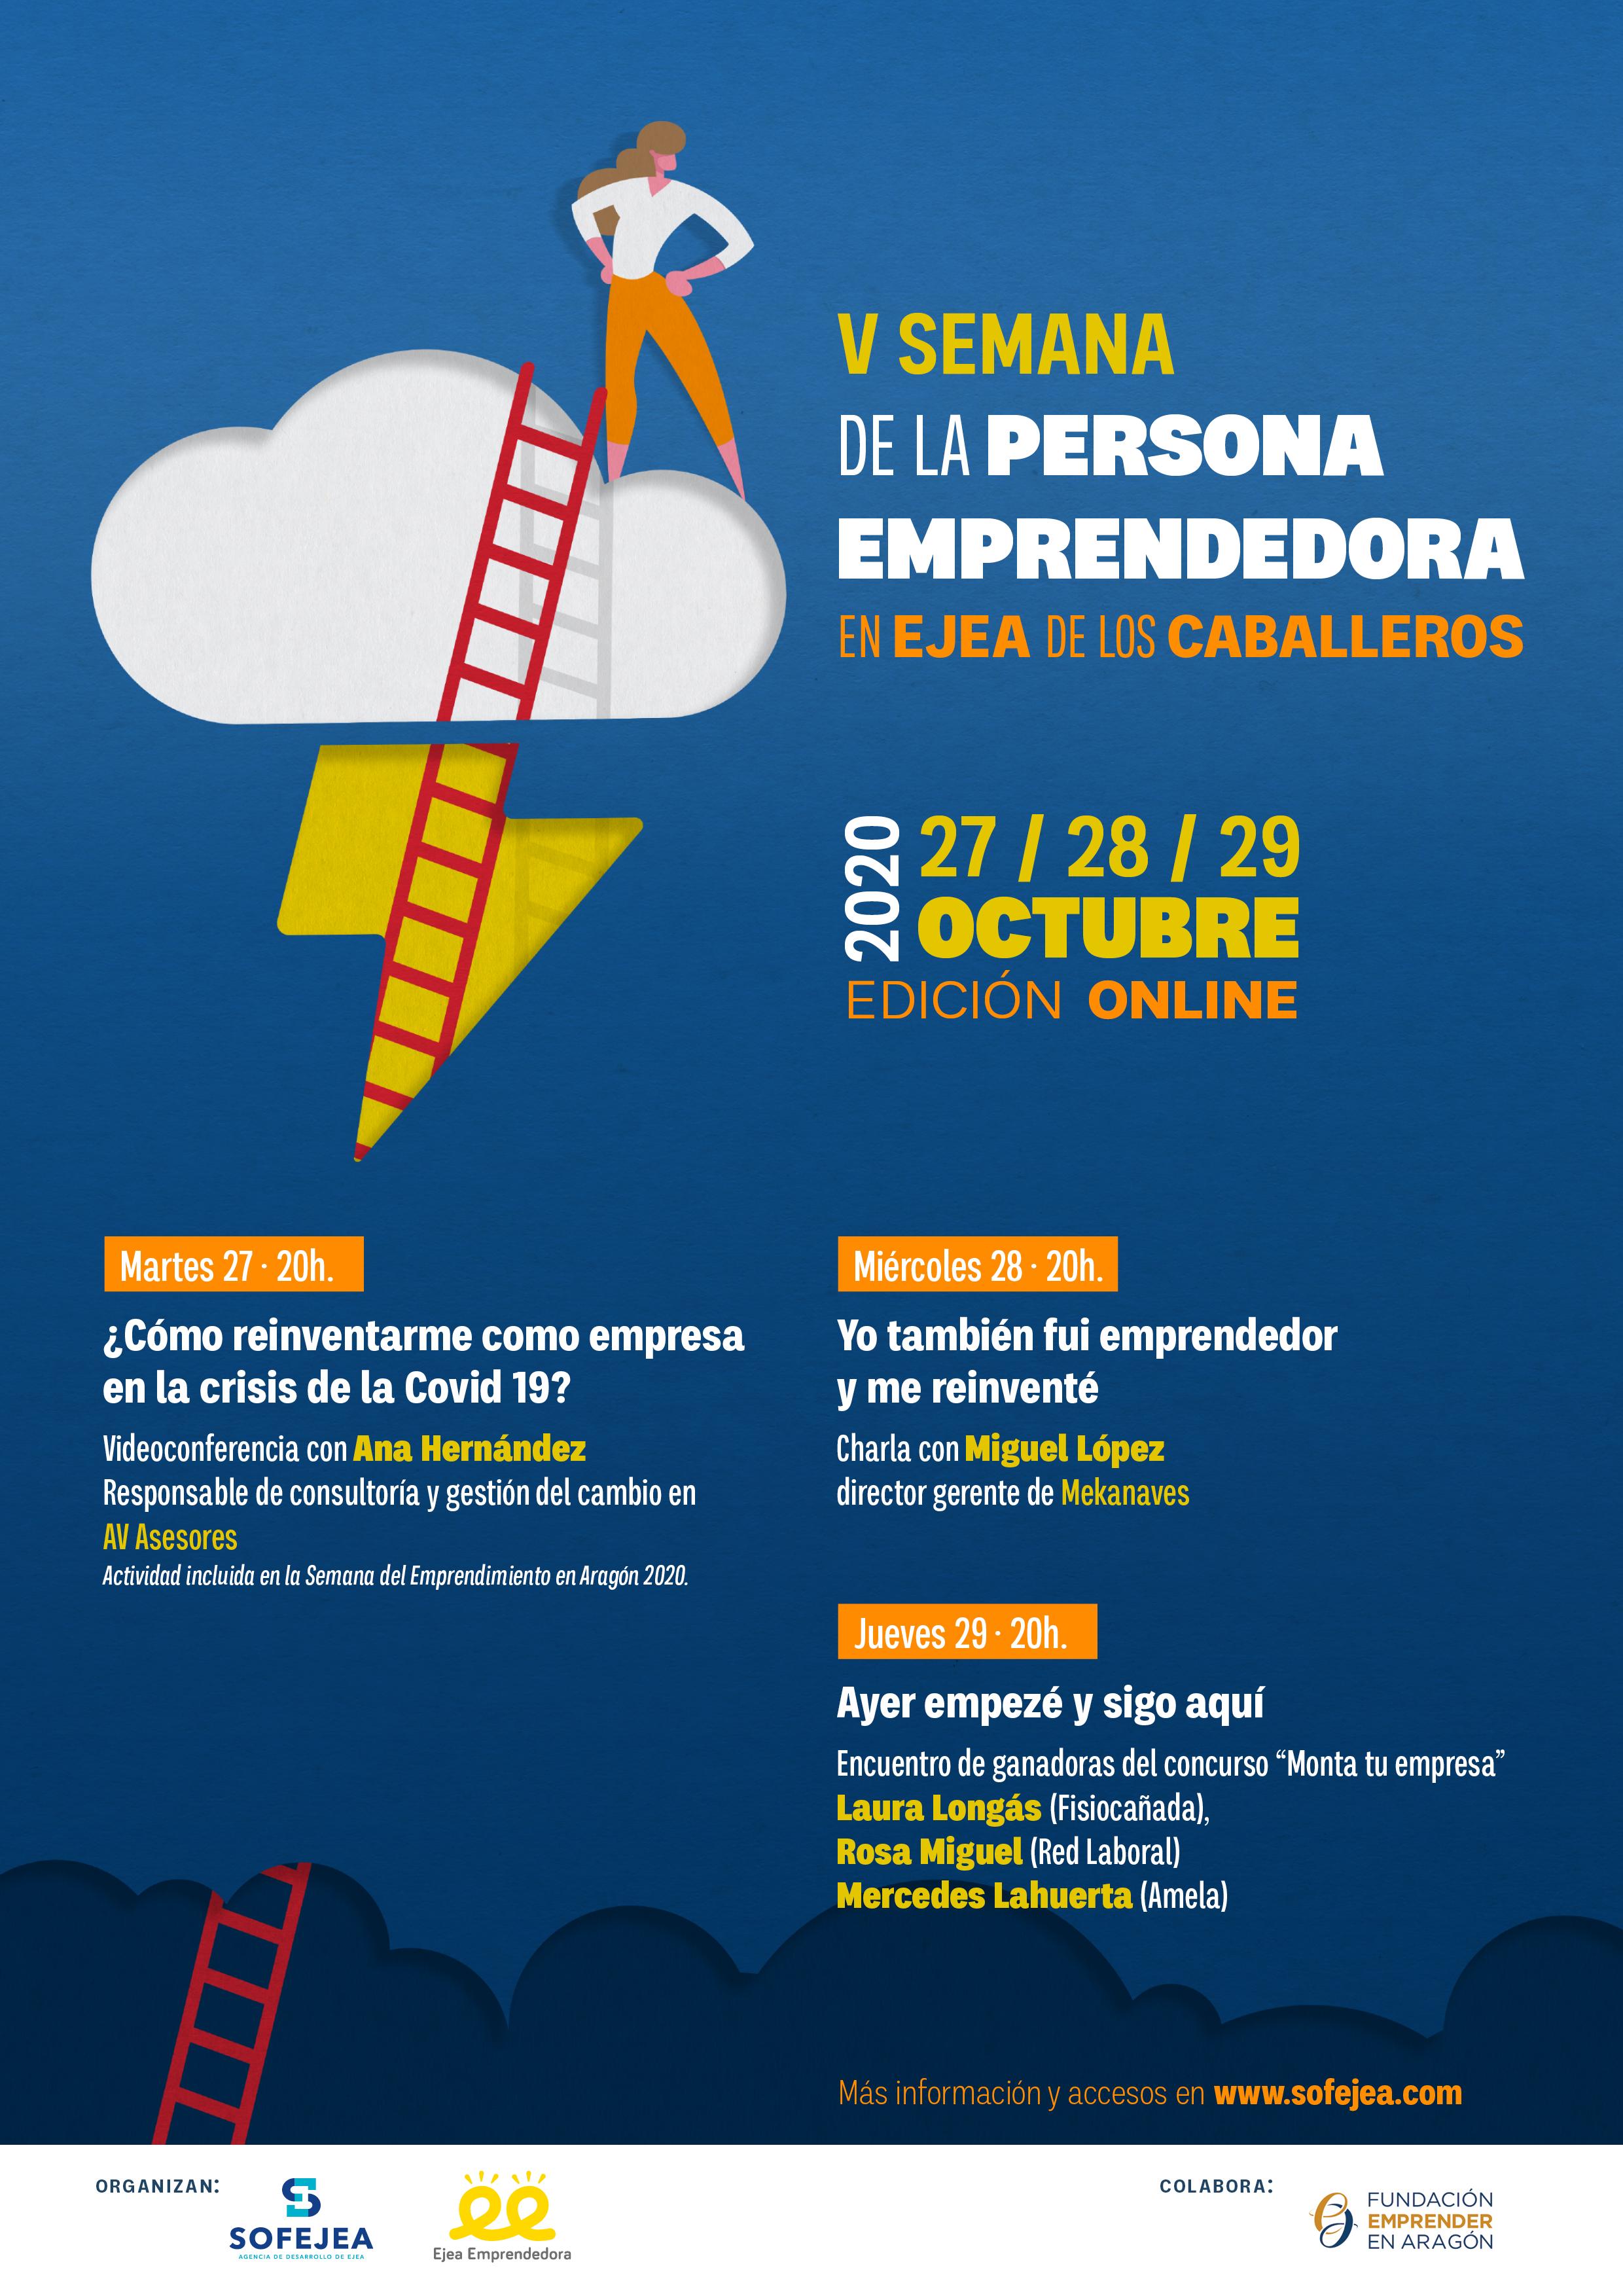 La V Semana de la Persona Emprendedora de Ejea se dedica a hablar de la capacidad de reinvención